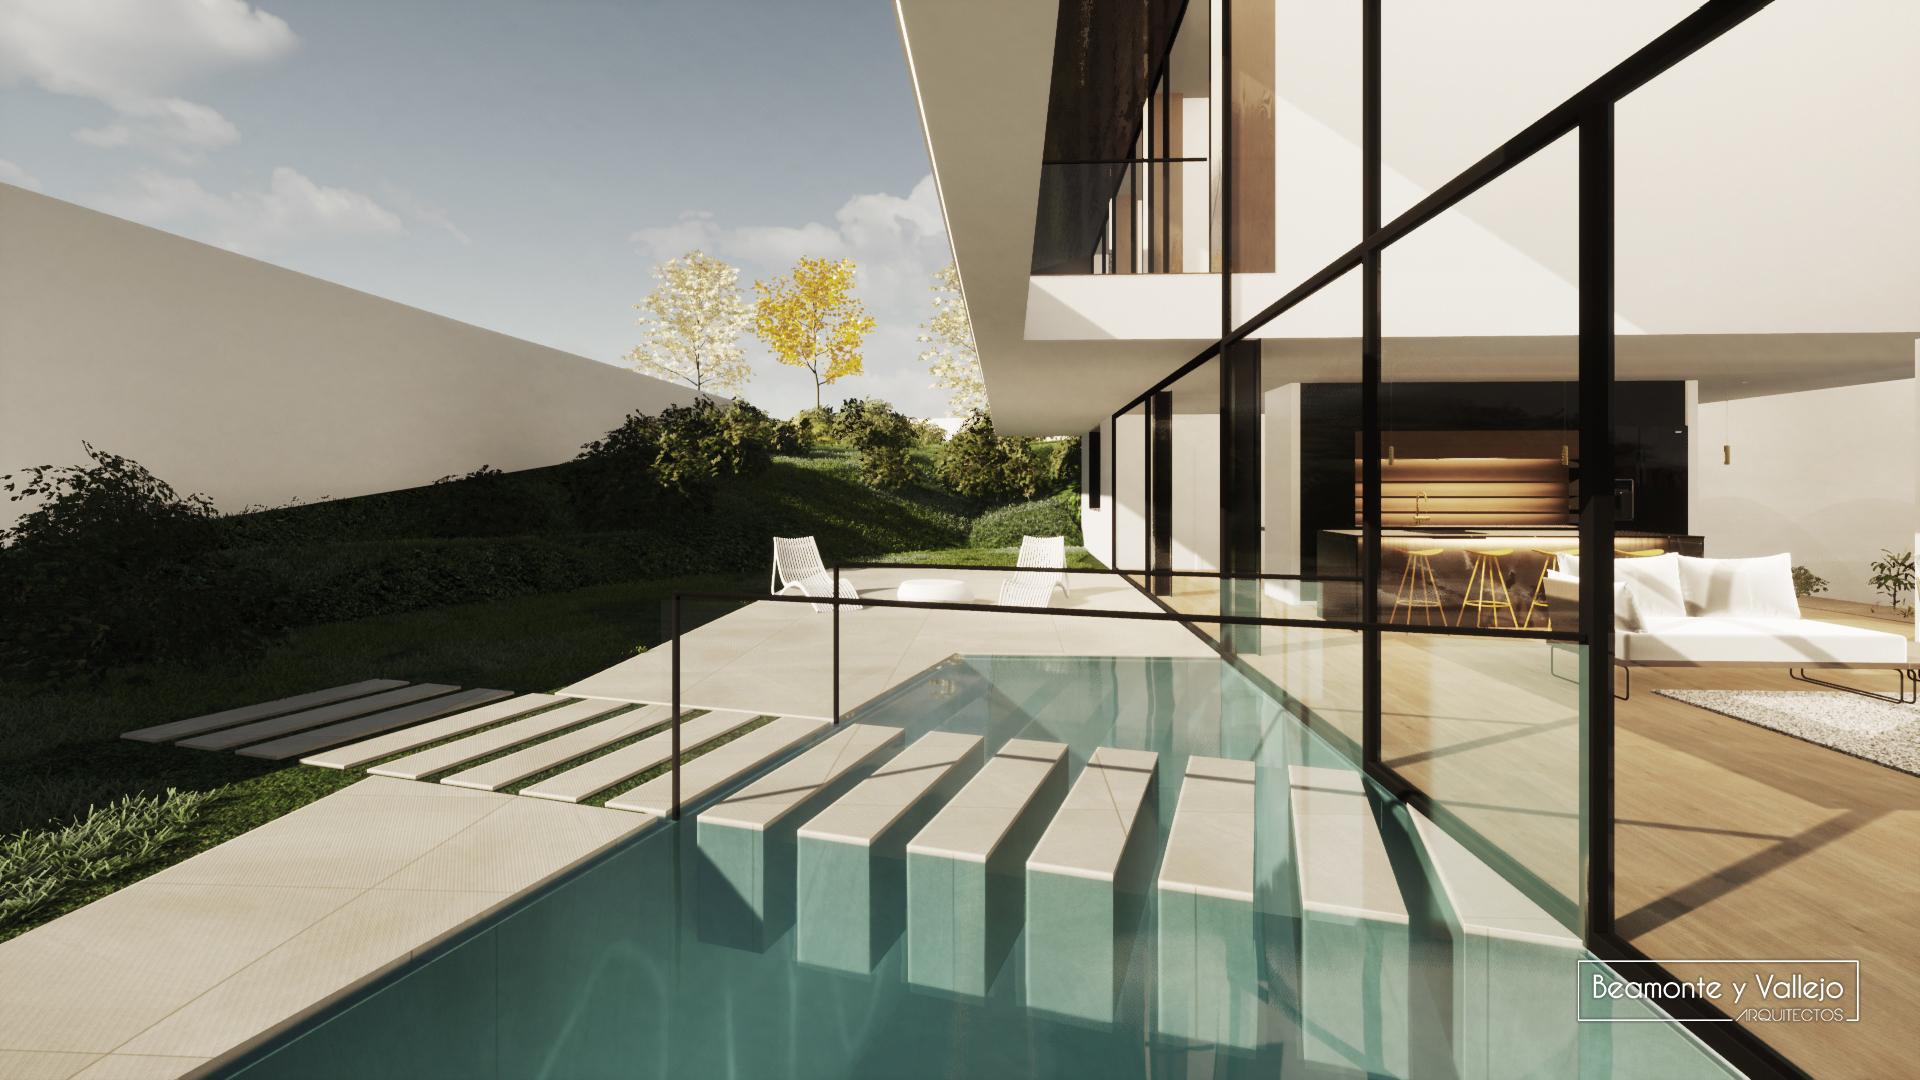 Beamonte y Vallejo arquitectos - Passivhaus, Colonia de San Lamberto (2)